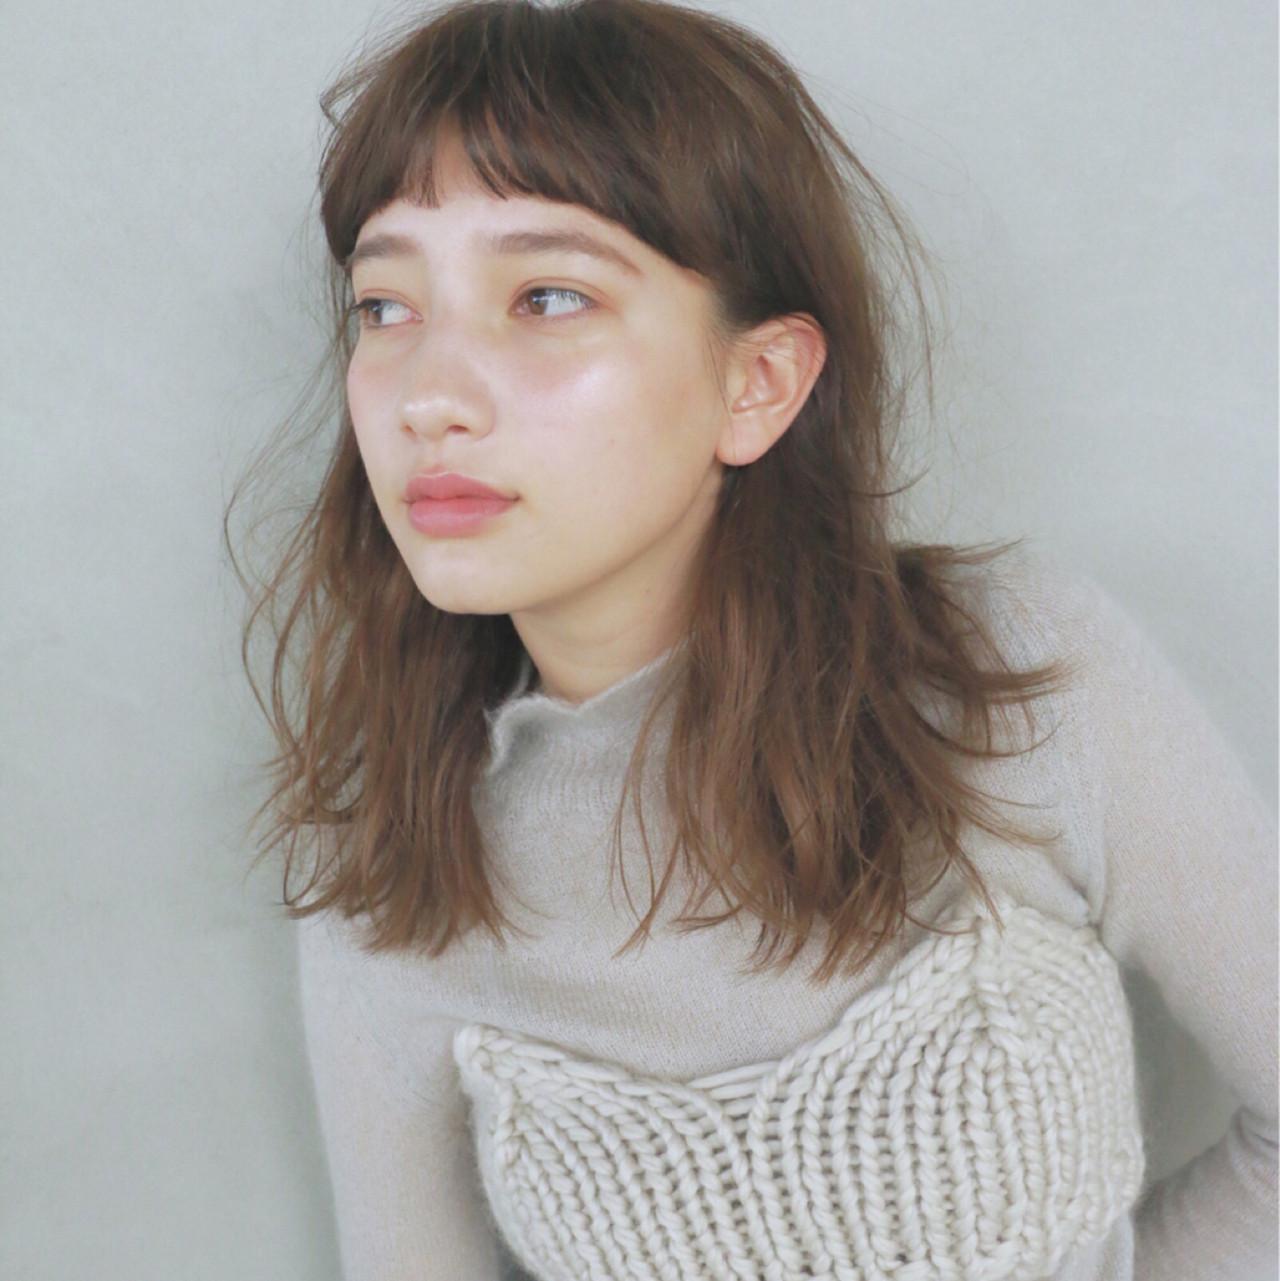 セミロング ナチュラル 前髪あり 冬 ヘアスタイルや髪型の写真・画像